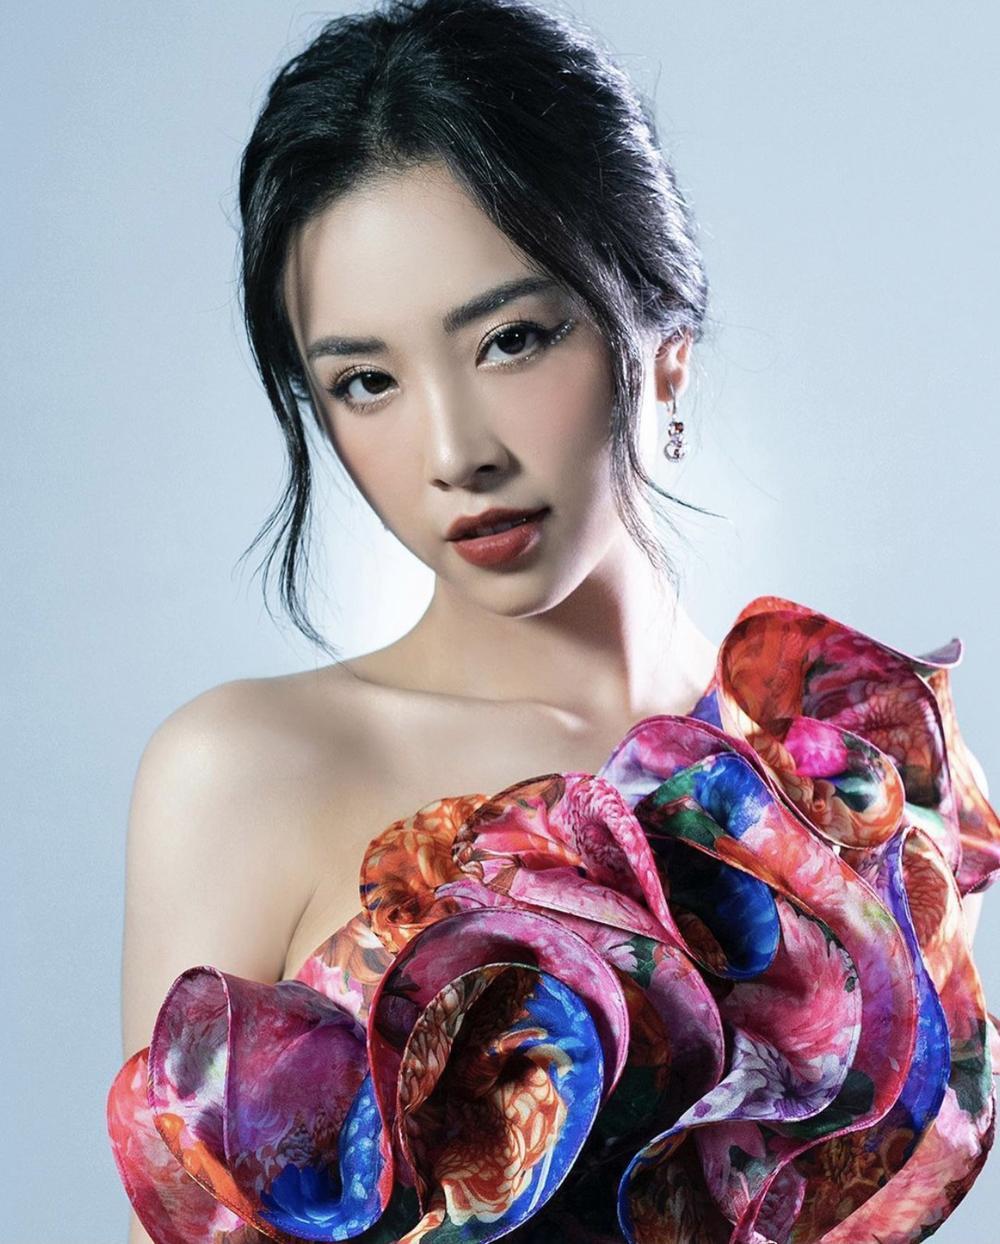 Hoa hậu Tiểu Vy và á hậu Thuý An lộ ảnh bị bầm khắp người khiến người hâm mộ xót xa Ảnh 7